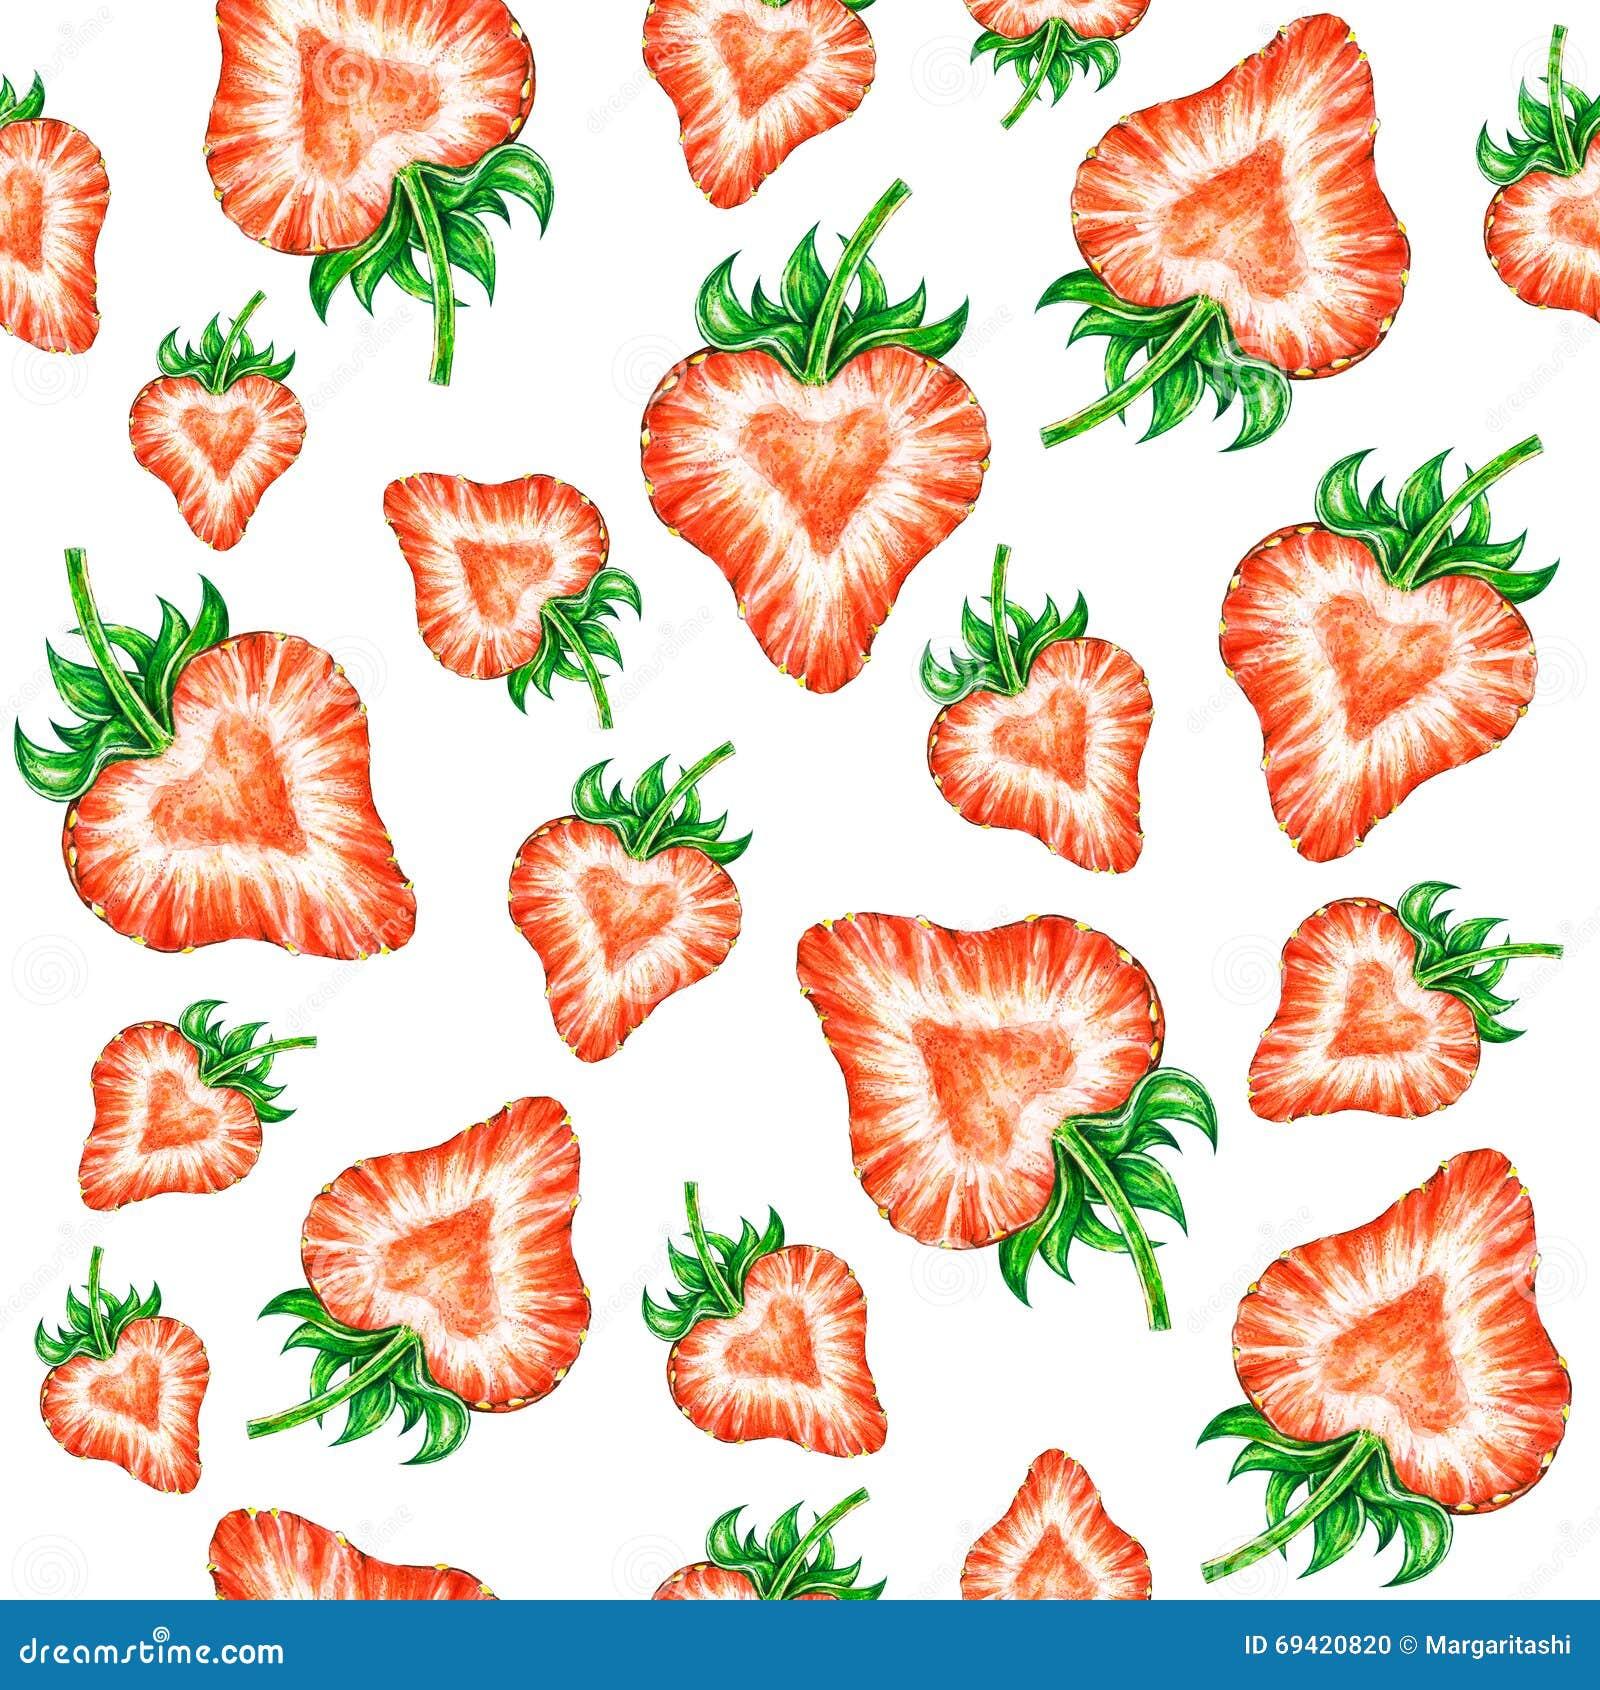 Amour de fraise dessin de couleur d 39 eau de la fraise mod le sans couture - Couleur fraise ecrasee ...